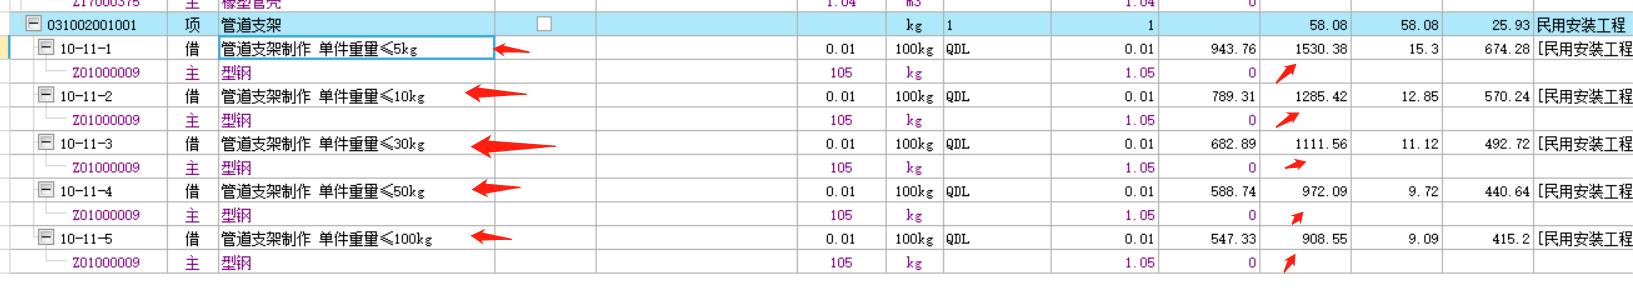 安装,山东,计价软件GCCP,预算,答疑:我请教一下山东定额中管道支架重量越重为什么综合单价就越少???-山东安装,预算,计价软件GCCP,